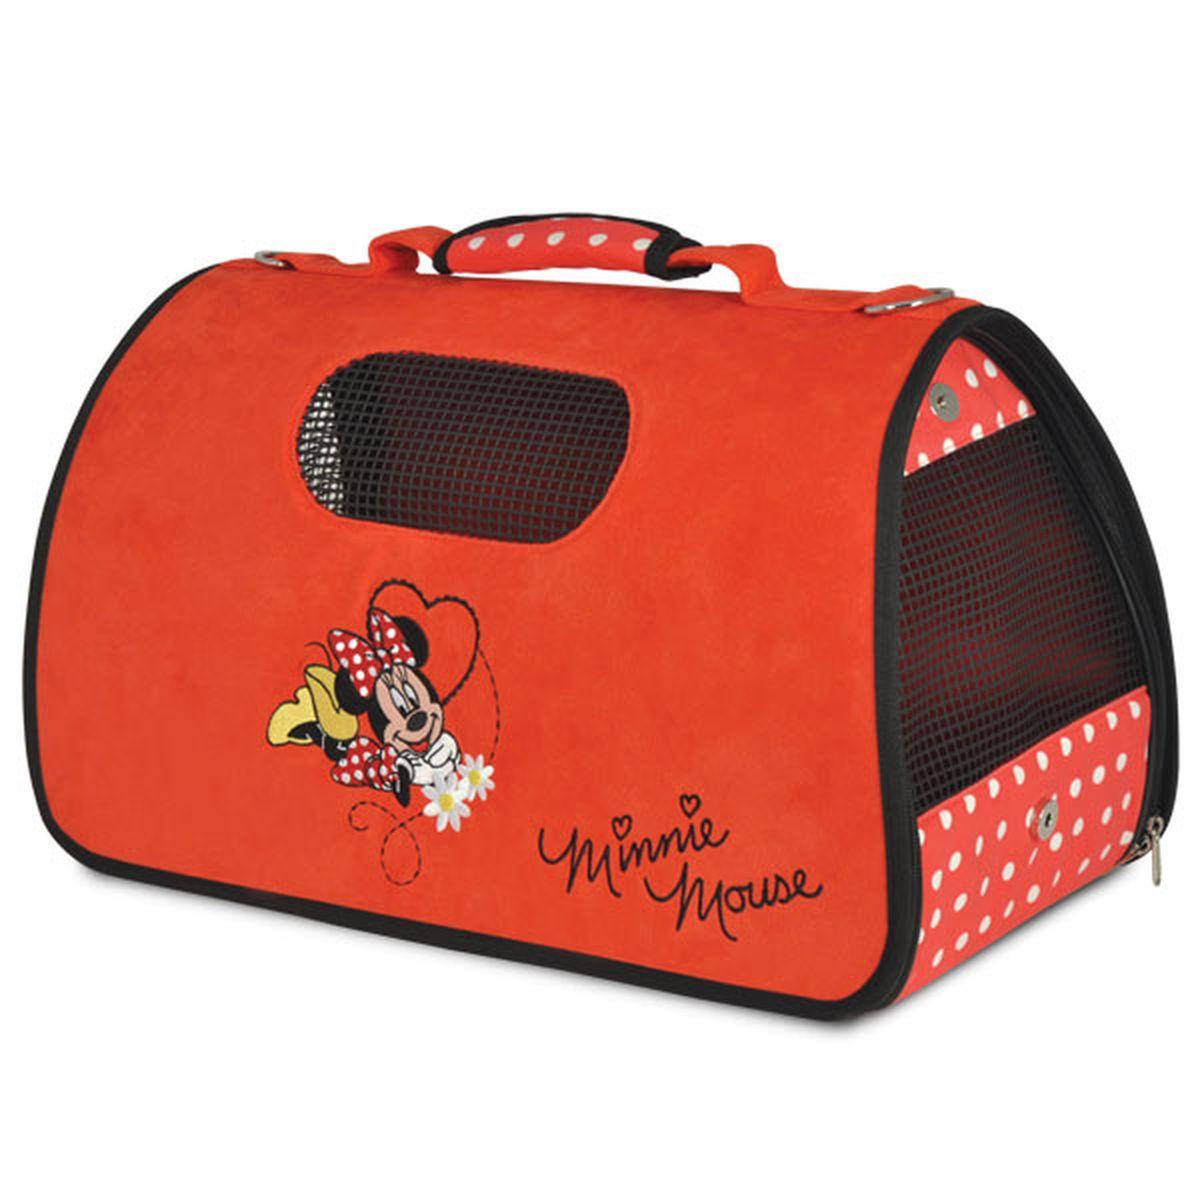 Сумка-переноска Triol Disney Minnie, 50 х 28 х 29 смWD3007Складная, удобная в использовании сумка-переноска из мягкого велюра с изображением известного персонажа DISNEY Minnie. Сумка отлично держит форму. Открывается при помощи молнии с двух сторон. Пластиковые ножки на дне сумки позволяют ставить ее на любую поверхность, не пачкая дно. Вентиляционные окна прорезинены, располагаются сбоку и сверху, обеспечивают достаточное количество воздуха для питомца. Один из боков сумки можно сделать открытым для головы Вашего питомца. При этом в целях безопасности используйте поводок-фиксатор (идет в комплекте с сумкой). К сумке также прилагается ремень с тканевым бегунком, чтобы носить её на плече. Сумка поставляется в полипропиленовом пакете на молнии с веревочными ручками, что очень удобно для хранения.